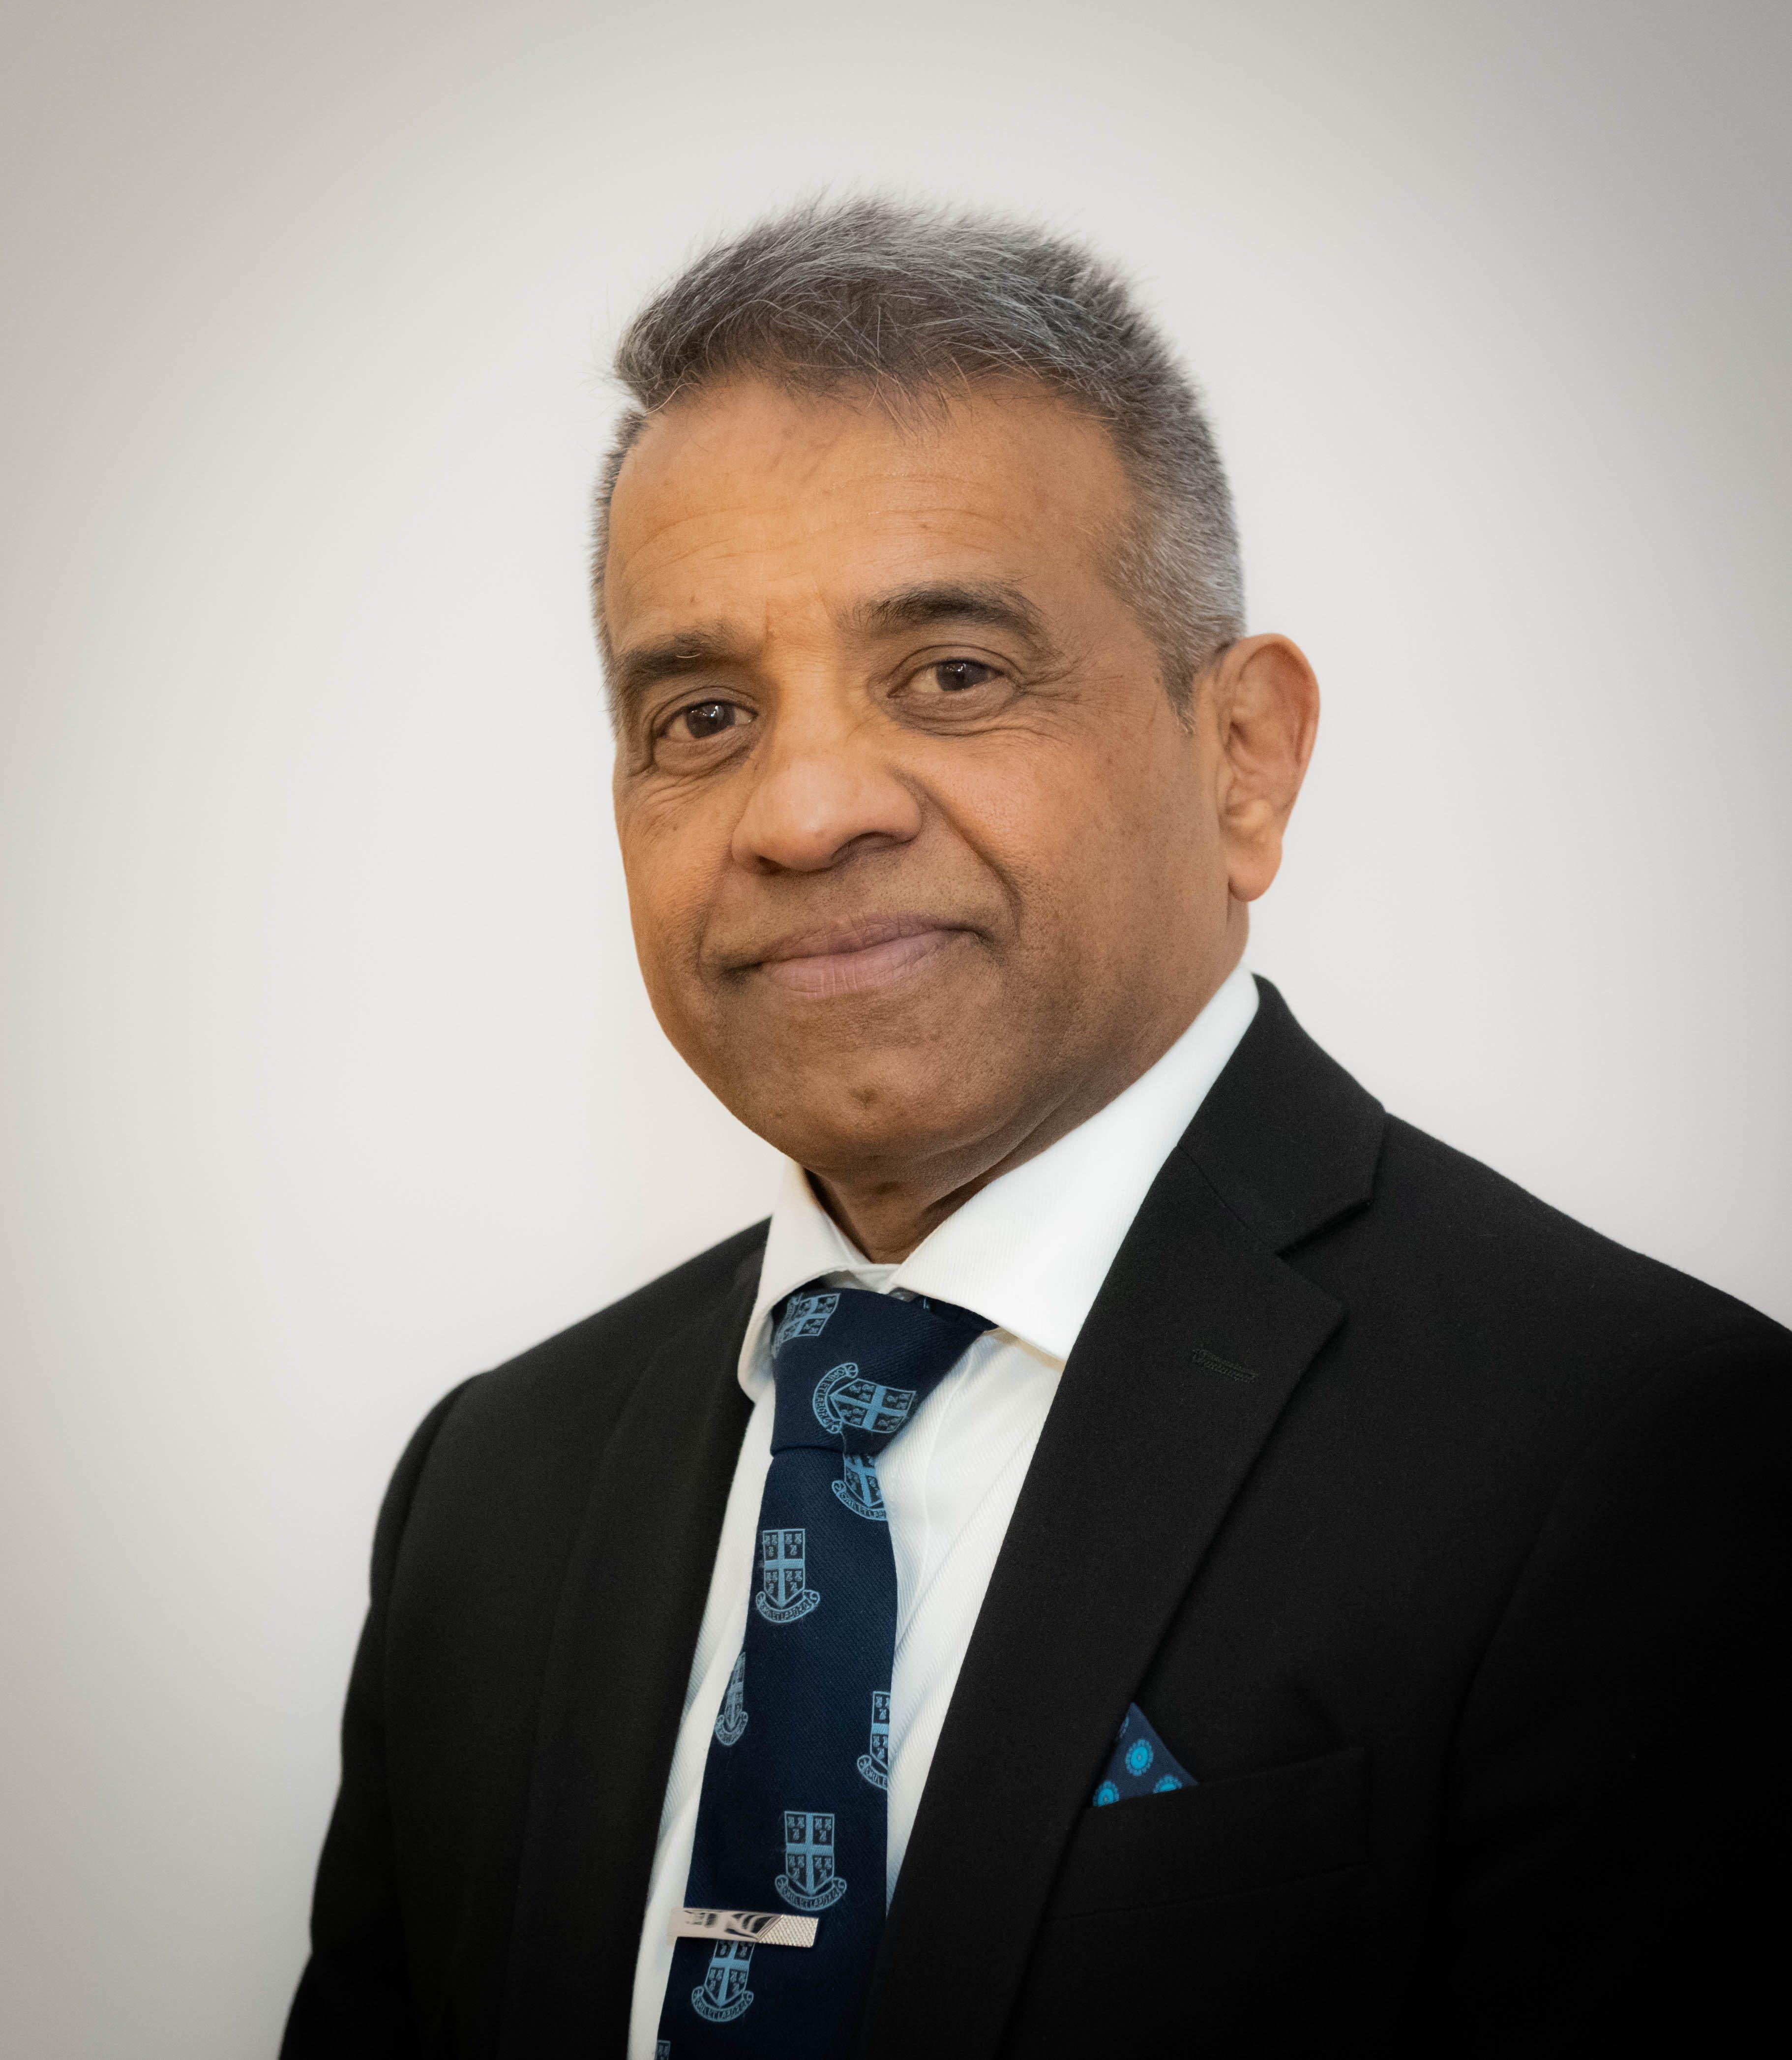 President of wesley obu uk G. Vamathevan